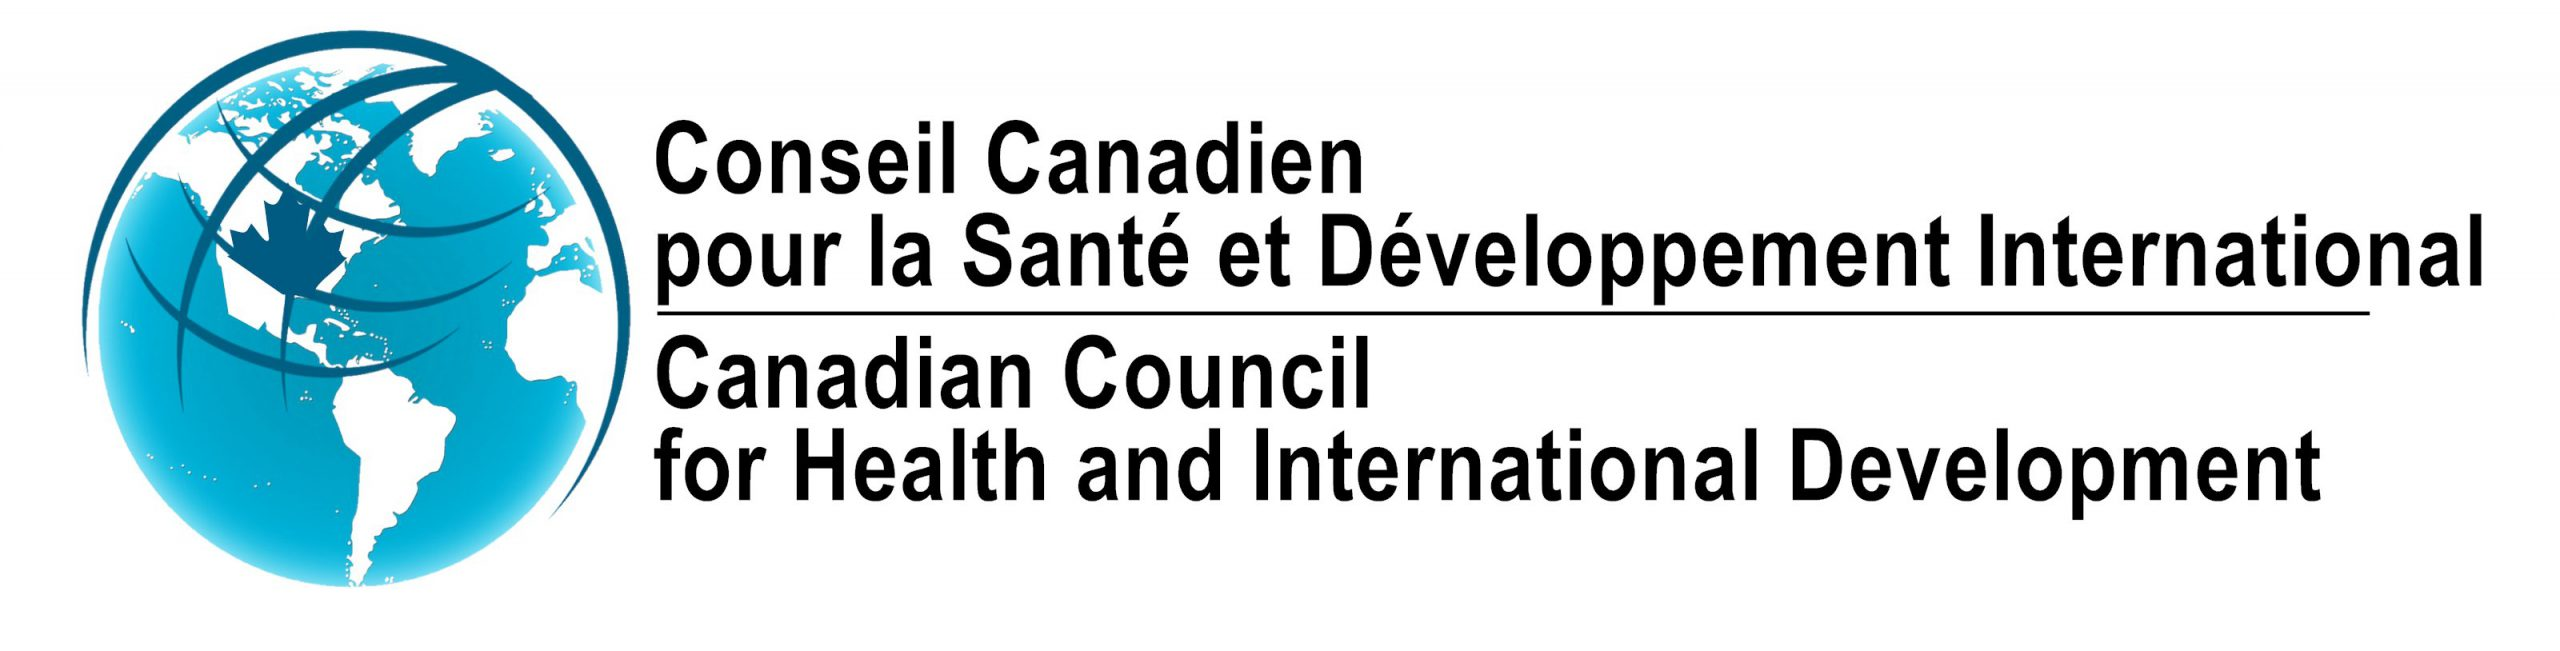 Conseil Canadien pour la Santé et Développement International - Logo